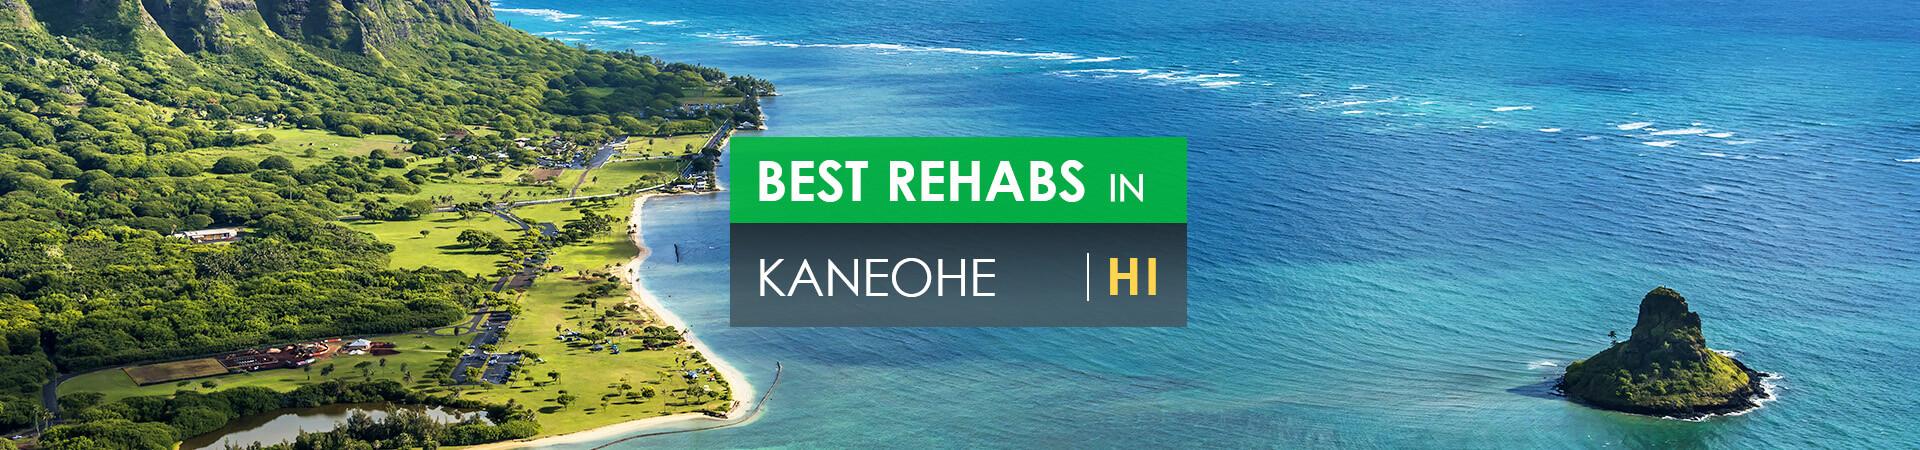 Best rehabs in Kaneohe, HI